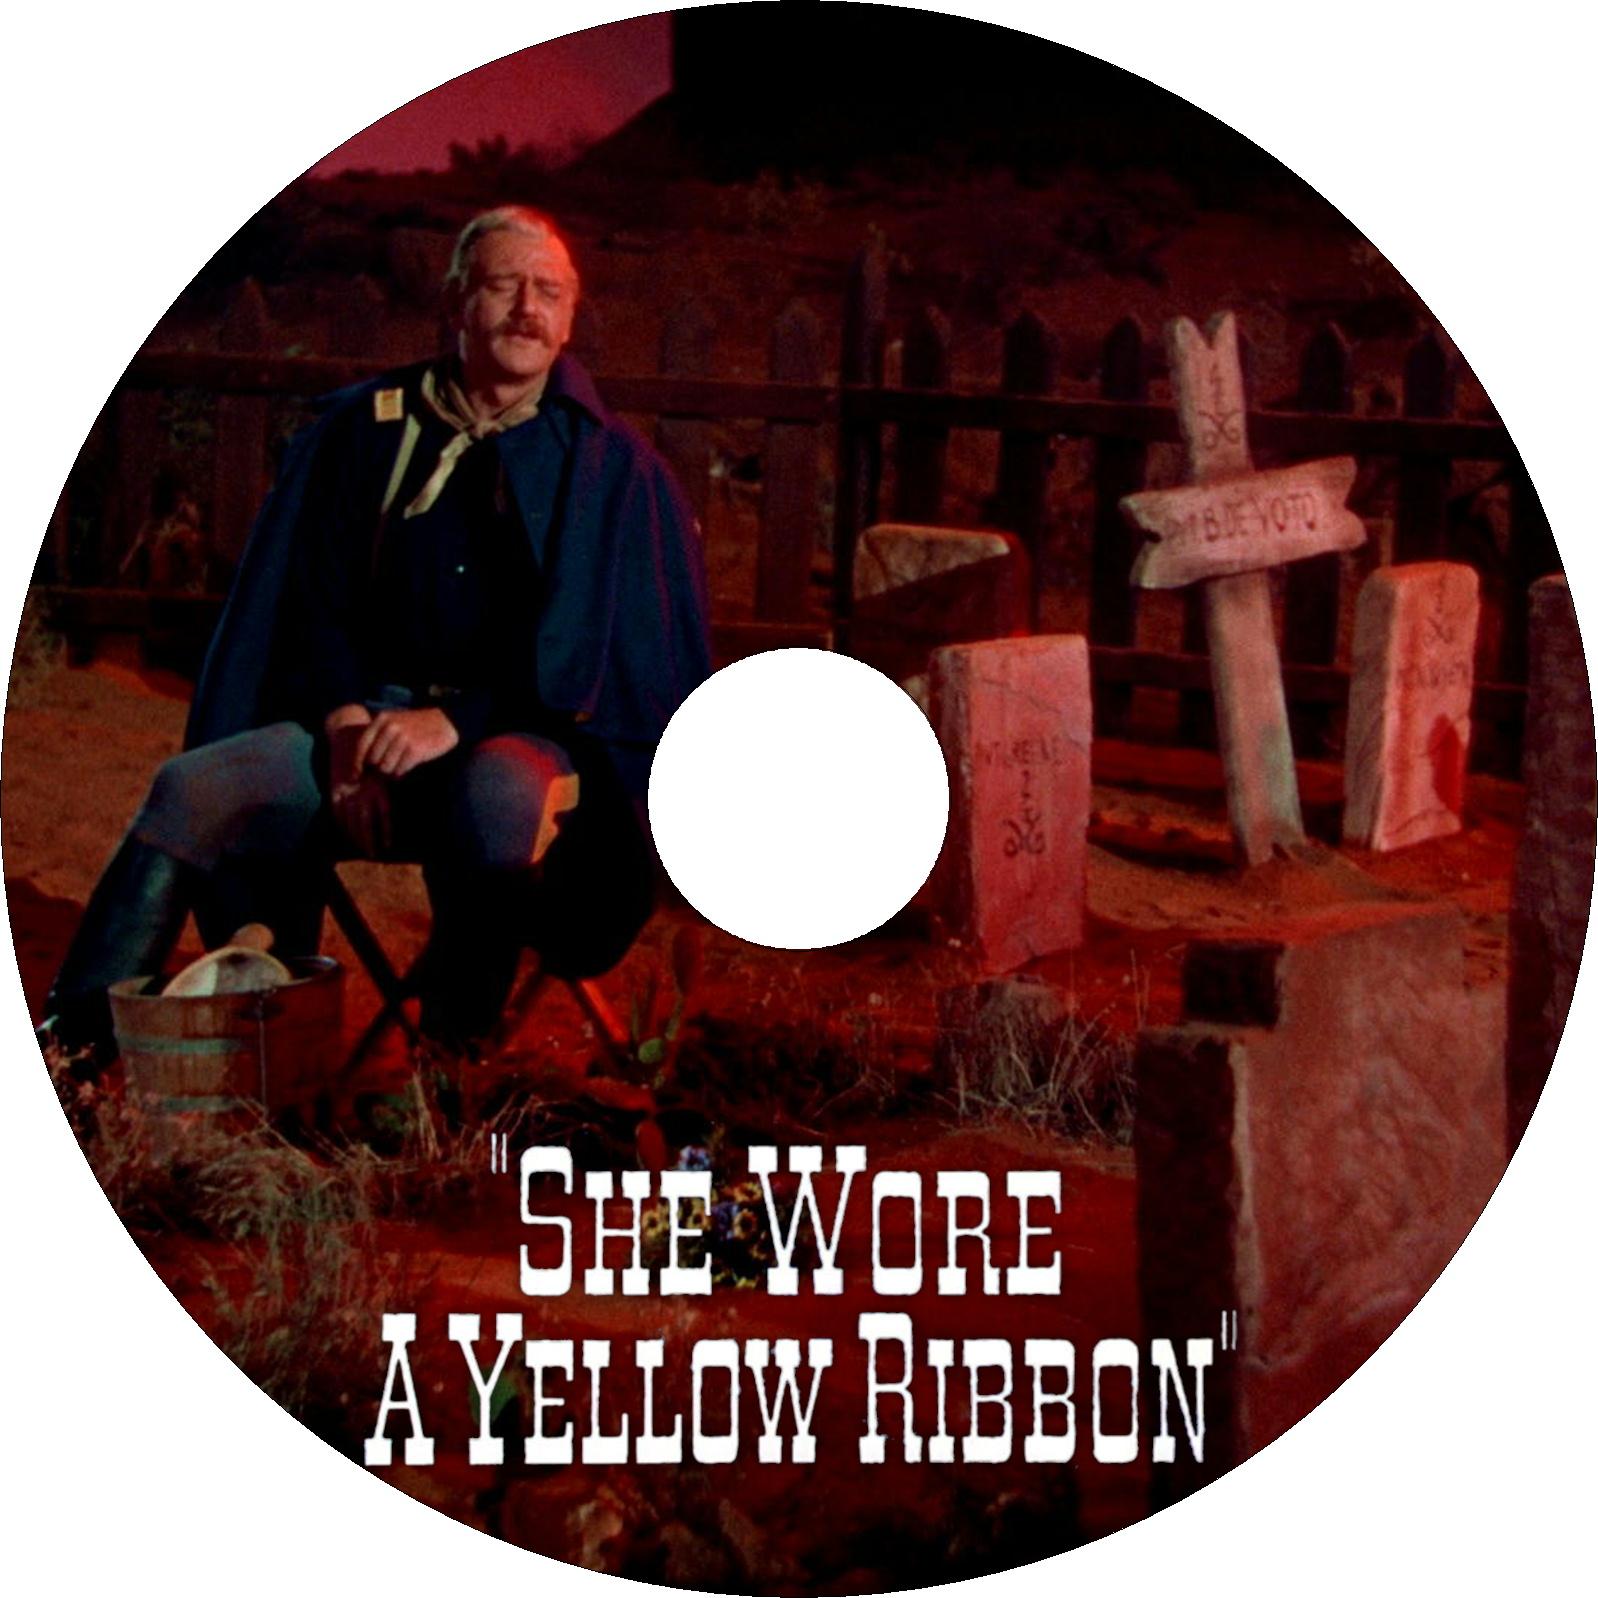 黄色いリボン ラベル改